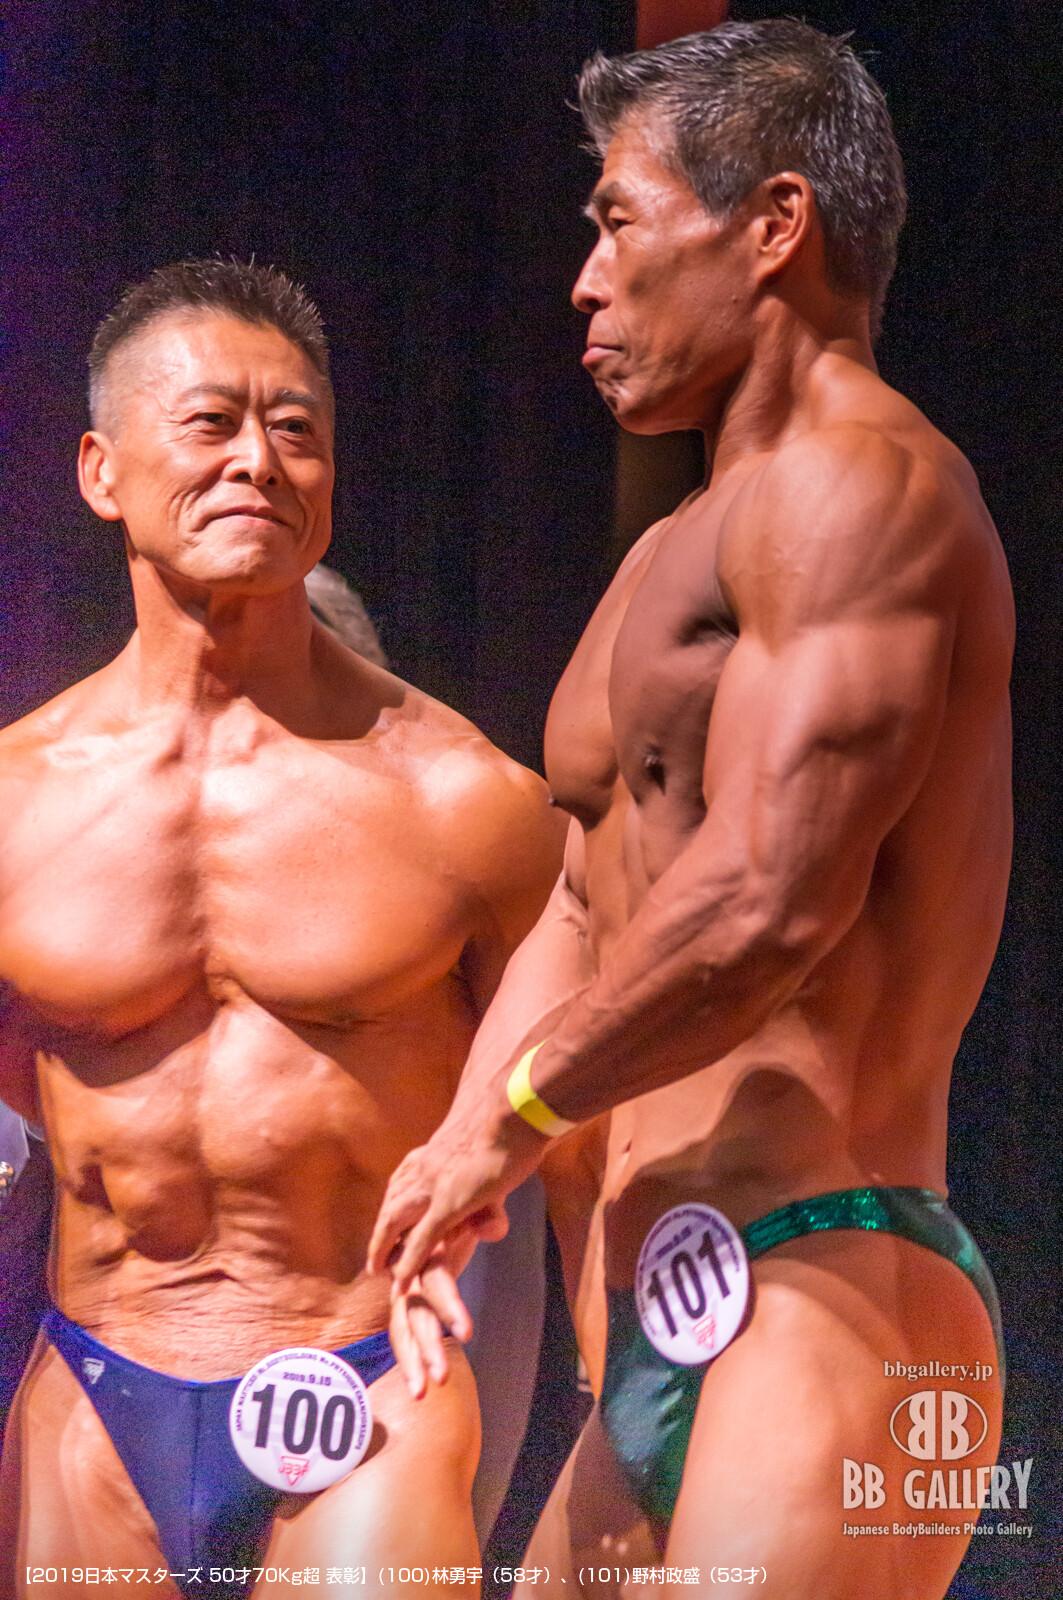 【2019日本マスターズ 50才70Kg超 表彰】(100)林勇宇(58才)、(101)野村政盛(53才)